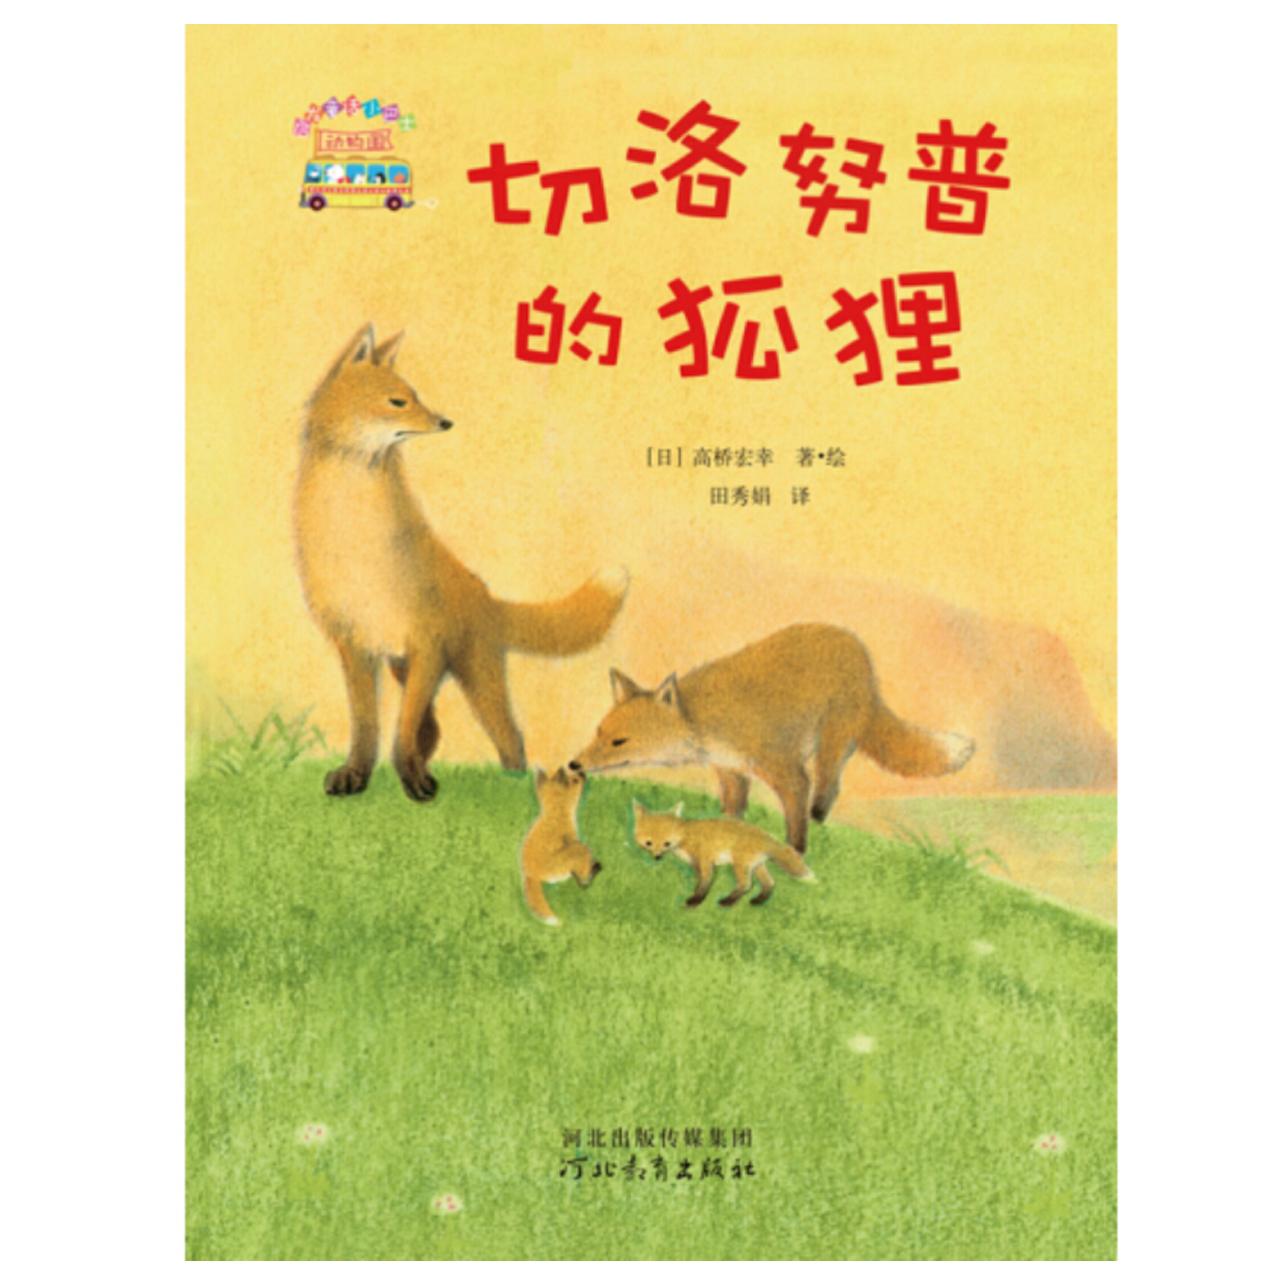 切洛努普的狐狸【儿童小说/青少年读物/翻译文学】